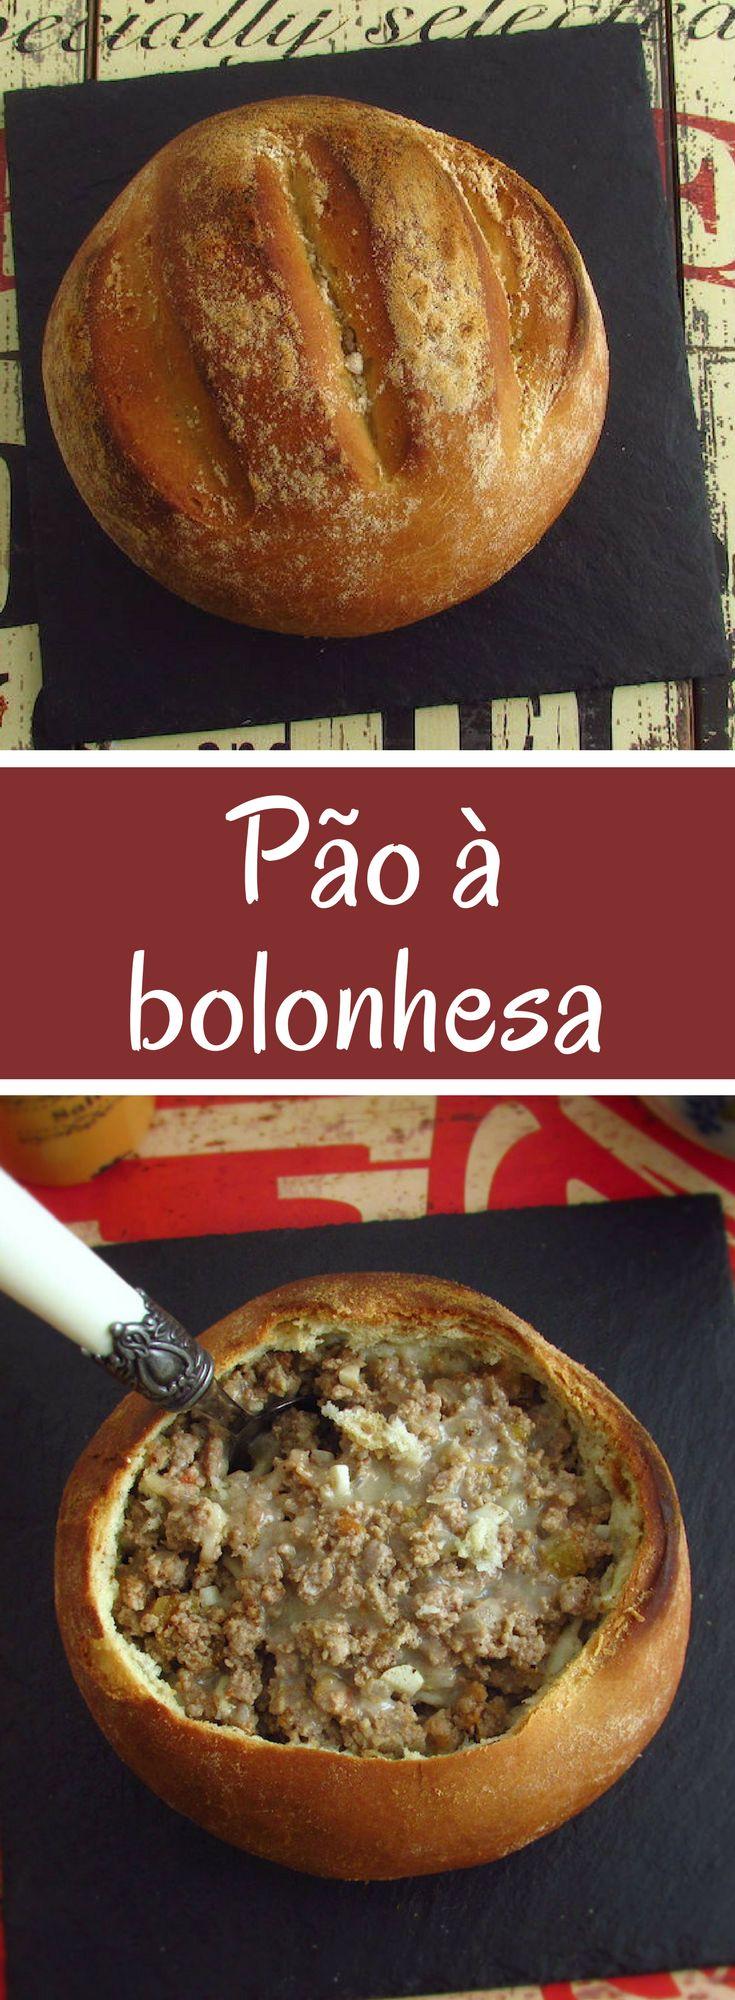 Pão à bolonhesa | Food From Portugal. Está a planear um jantar em família? Apresente este pão à bolonhesa, todos vão gostar… #receita #pão